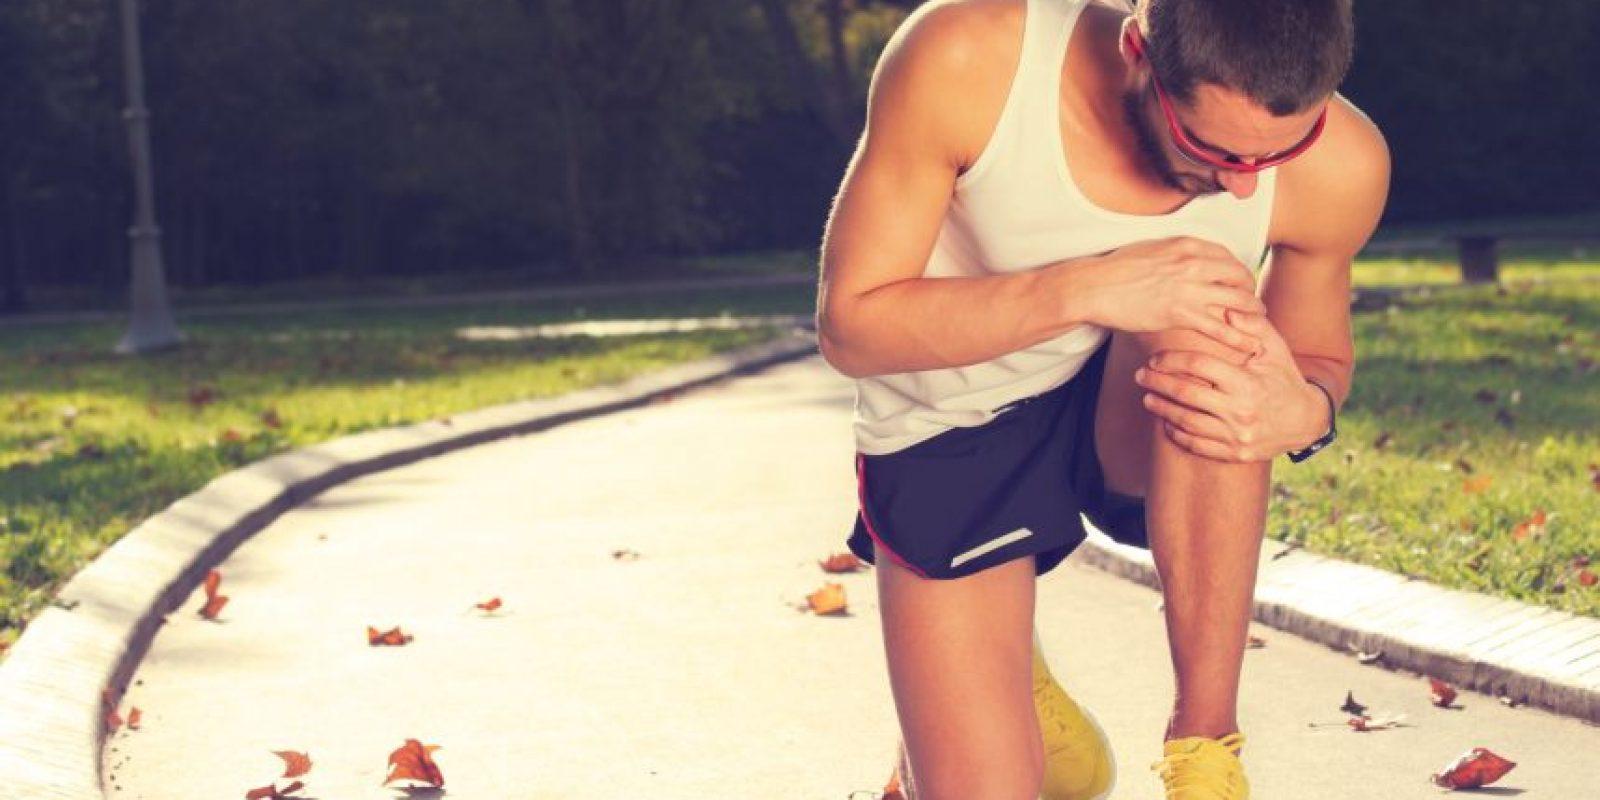 El PRP ayuda a tratar lesiones musculares. Foto:Fuente Externa